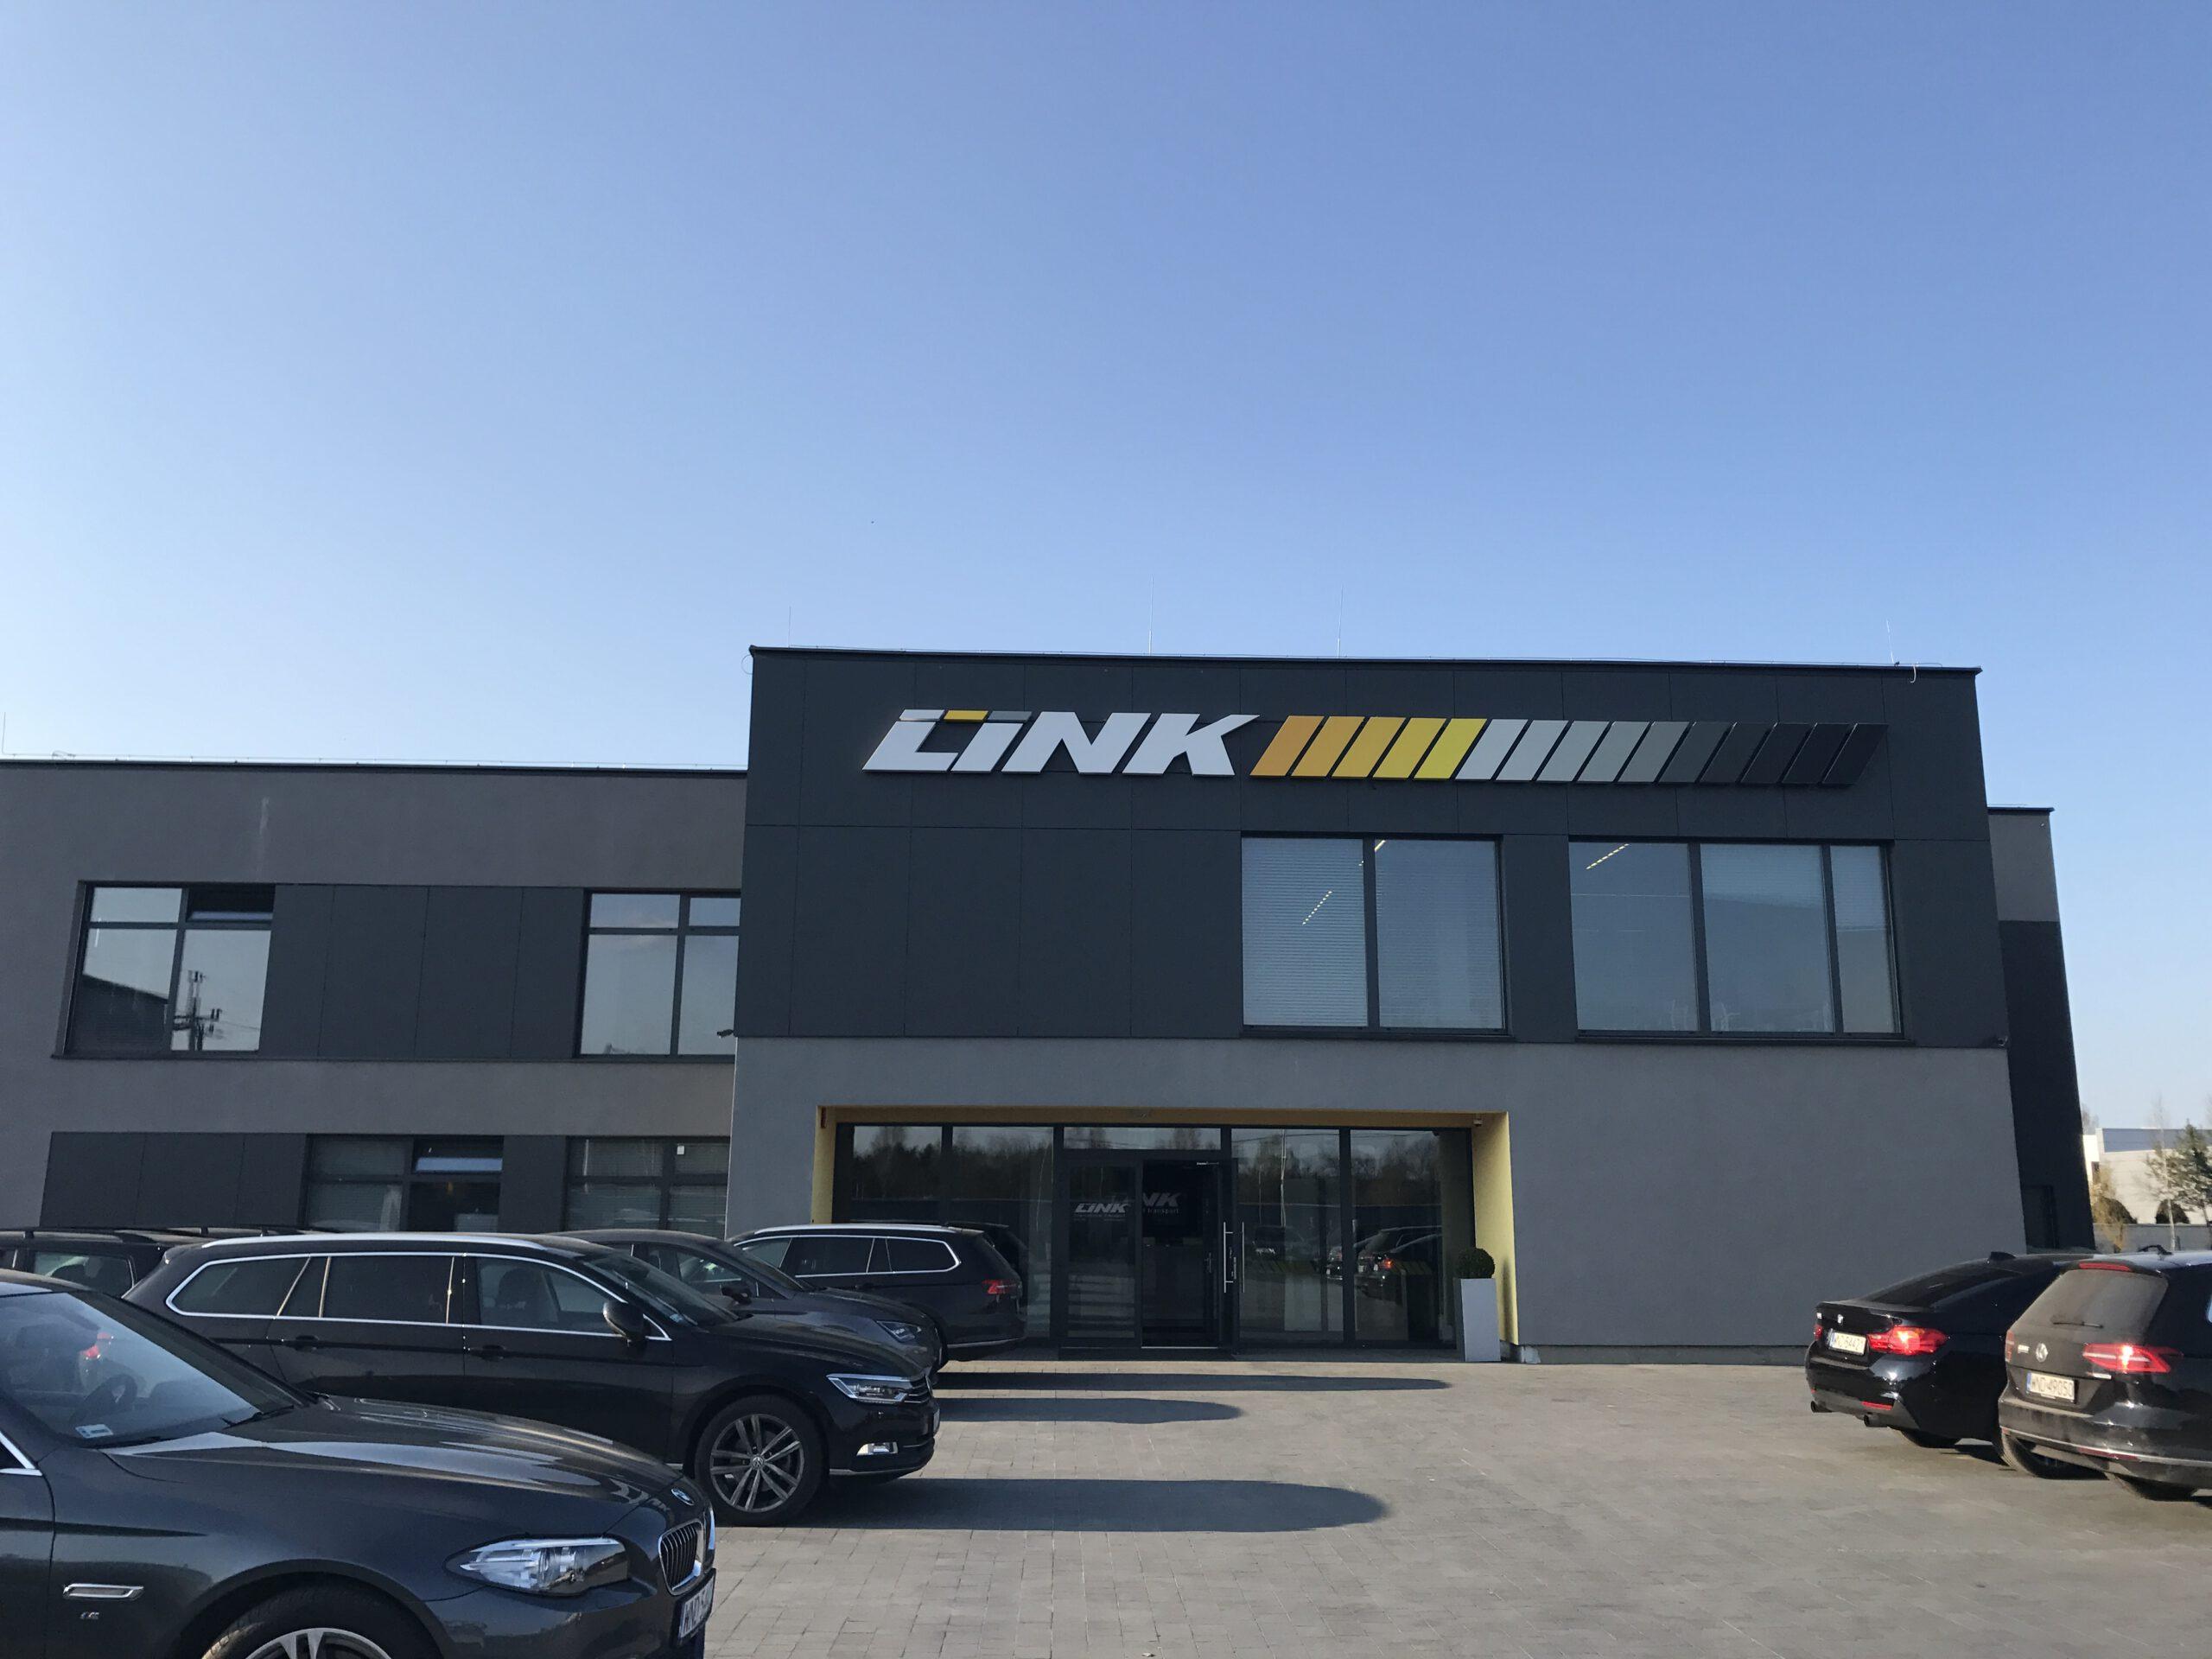 Nowa siedziba LINK!